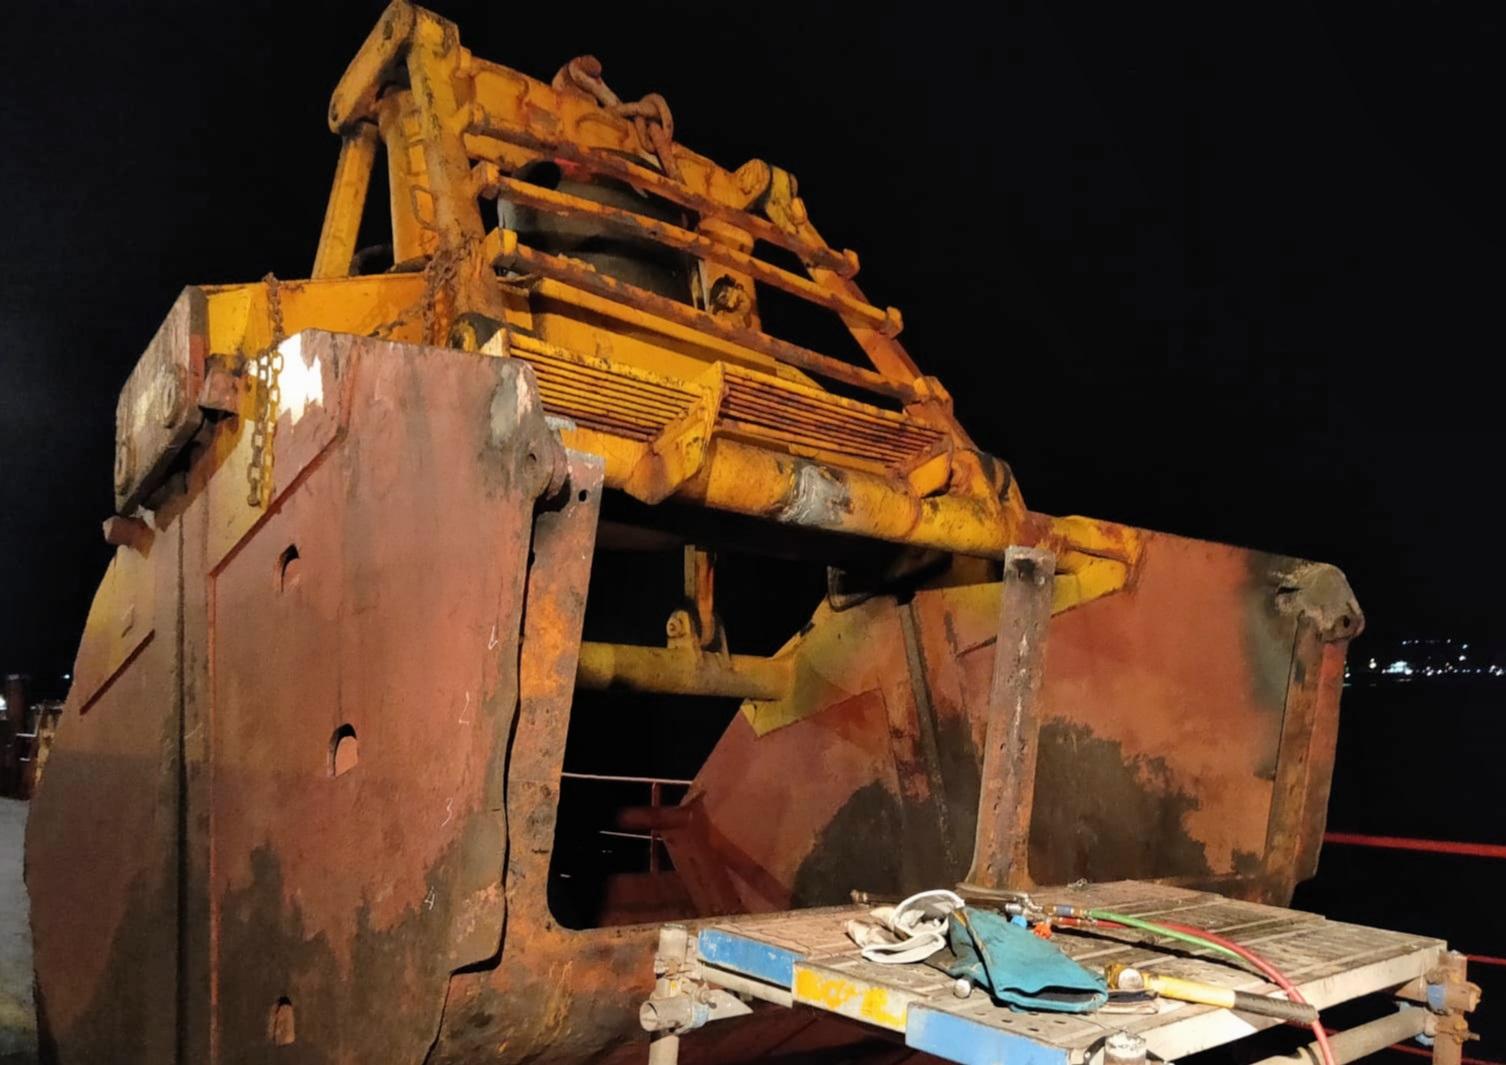 cargo grab repair